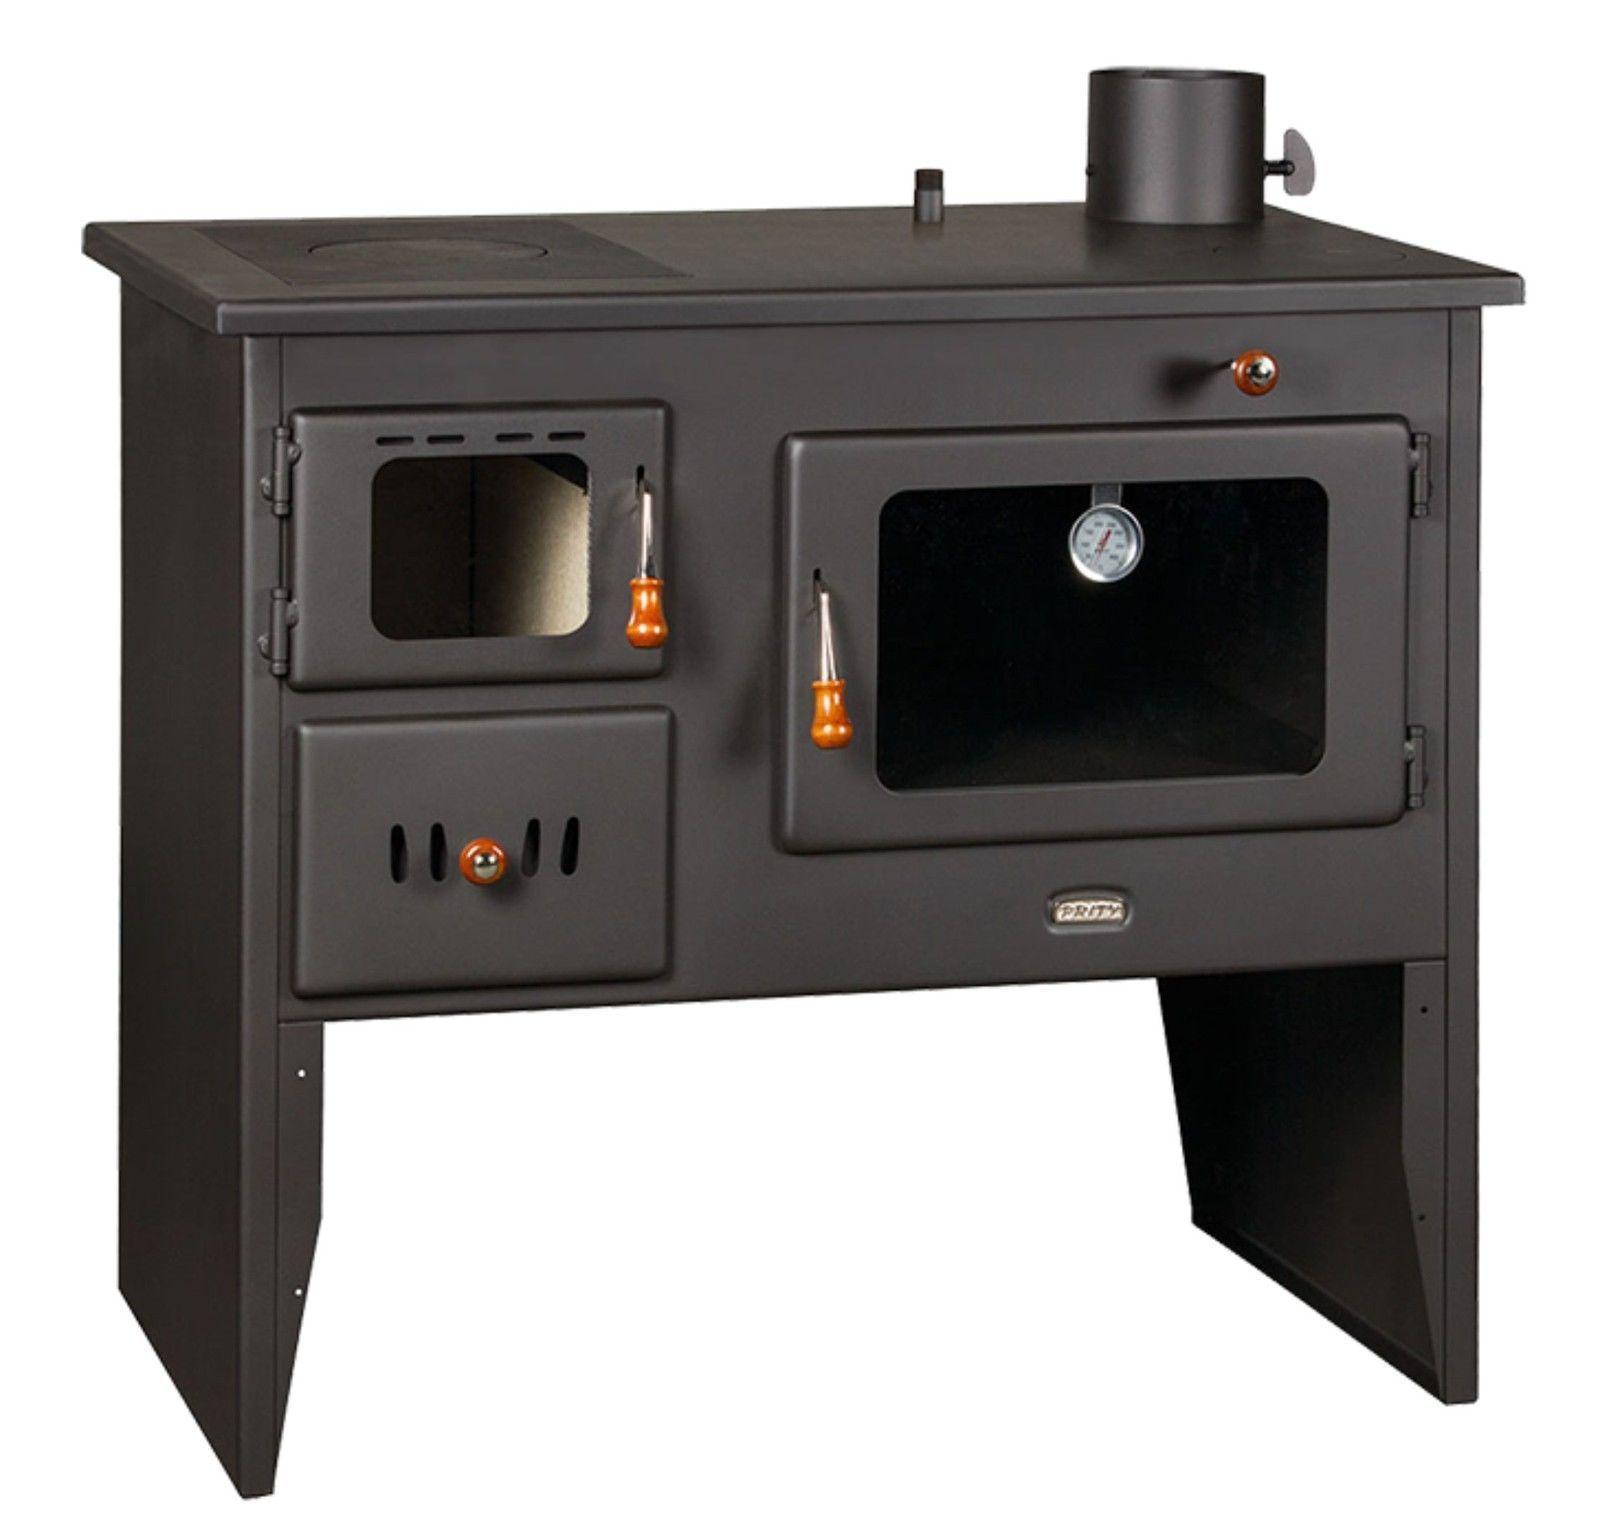 bimsch 16 kw kochen holz verbrennung herd mit warmwasserboiler prity w12 2p41 ebay. Black Bedroom Furniture Sets. Home Design Ideas